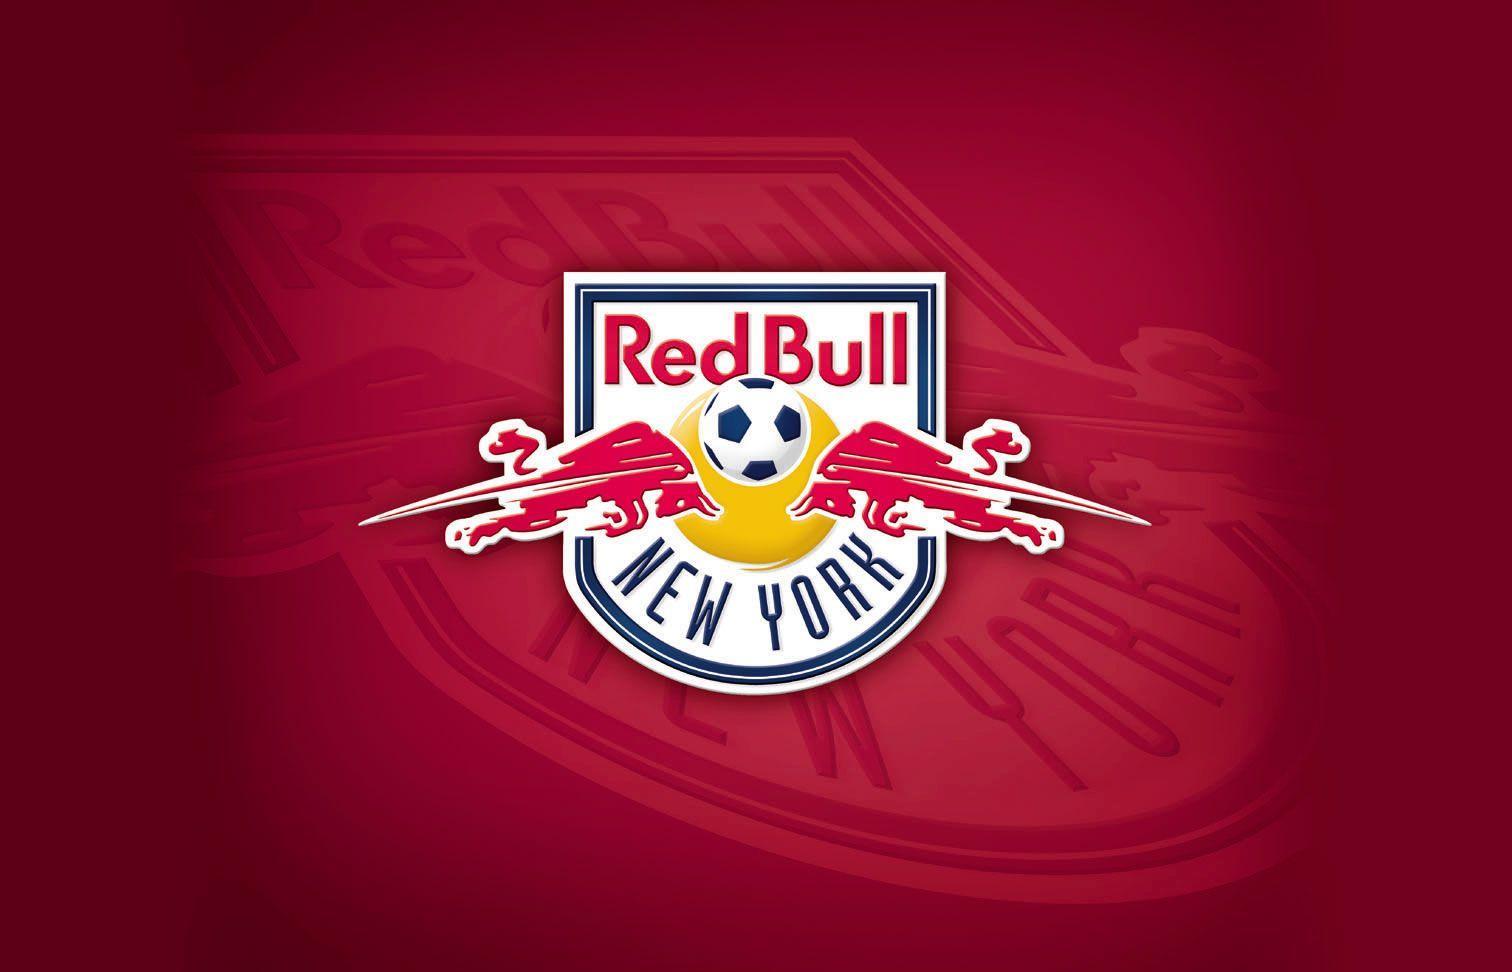 red bull logo wallpaper desktop - photo #24